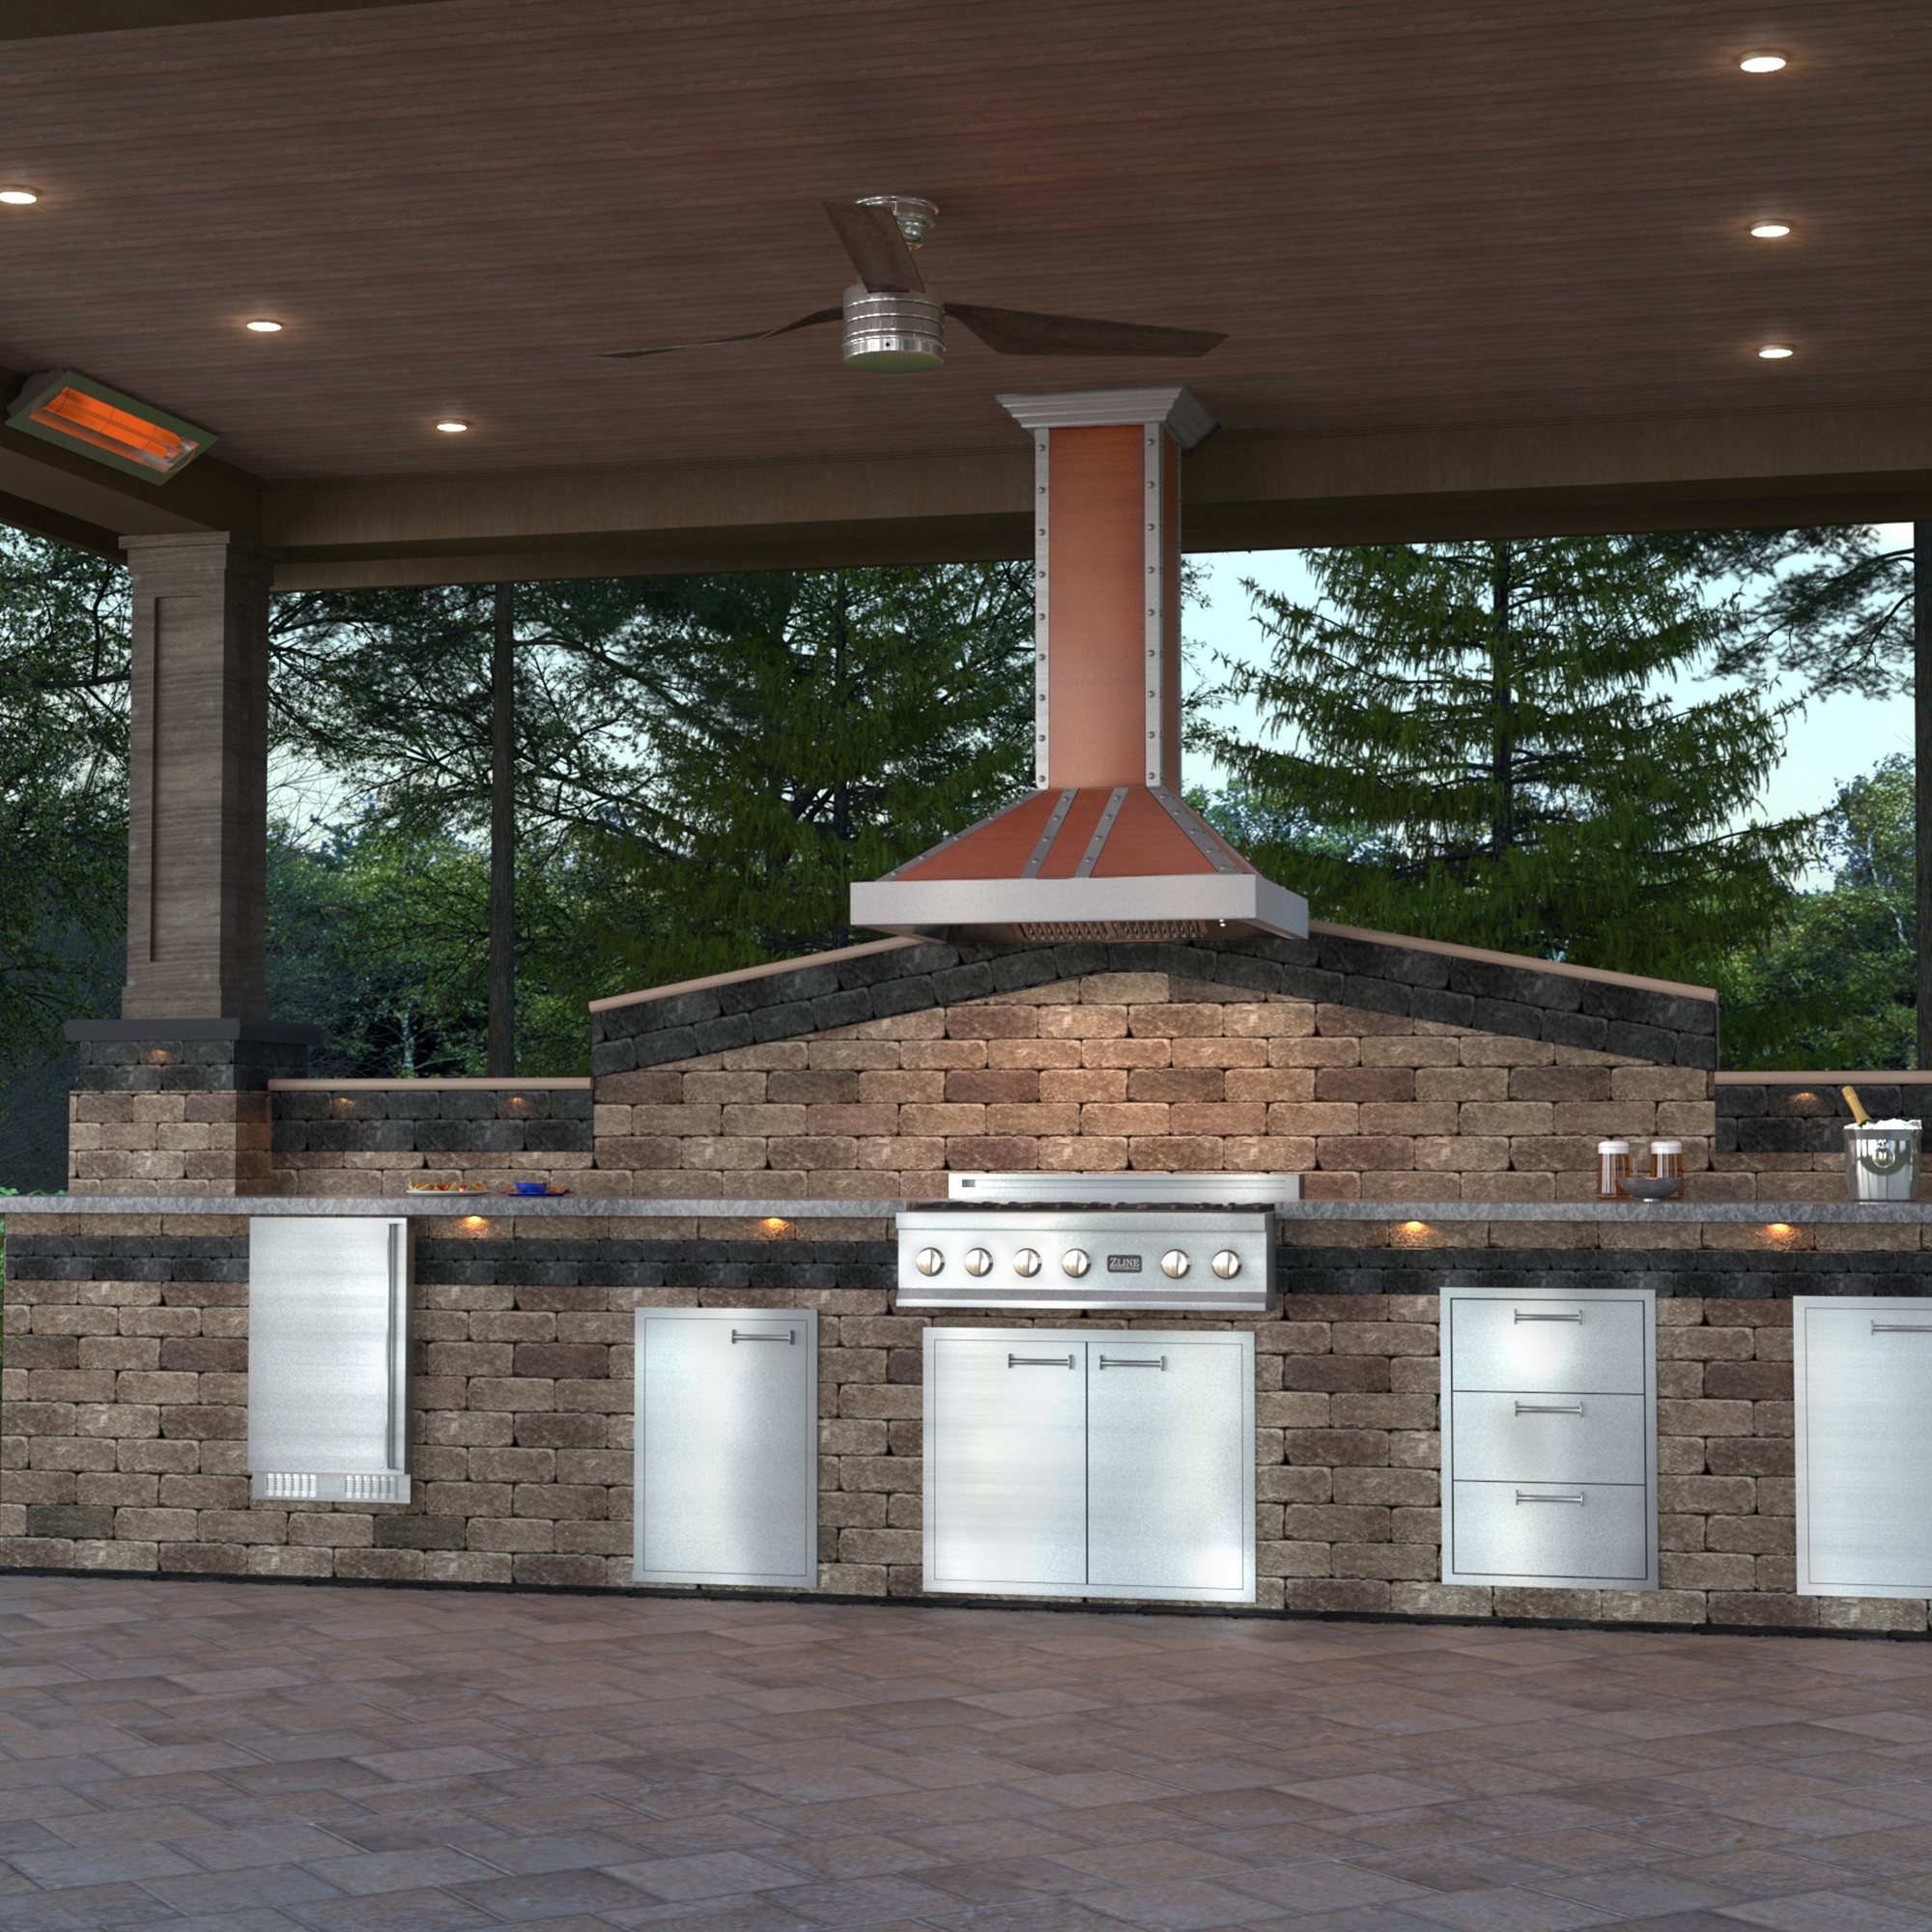 zline-copper-wall-mounted-range-hood-655-CSSSS-outdoor-3.jpg